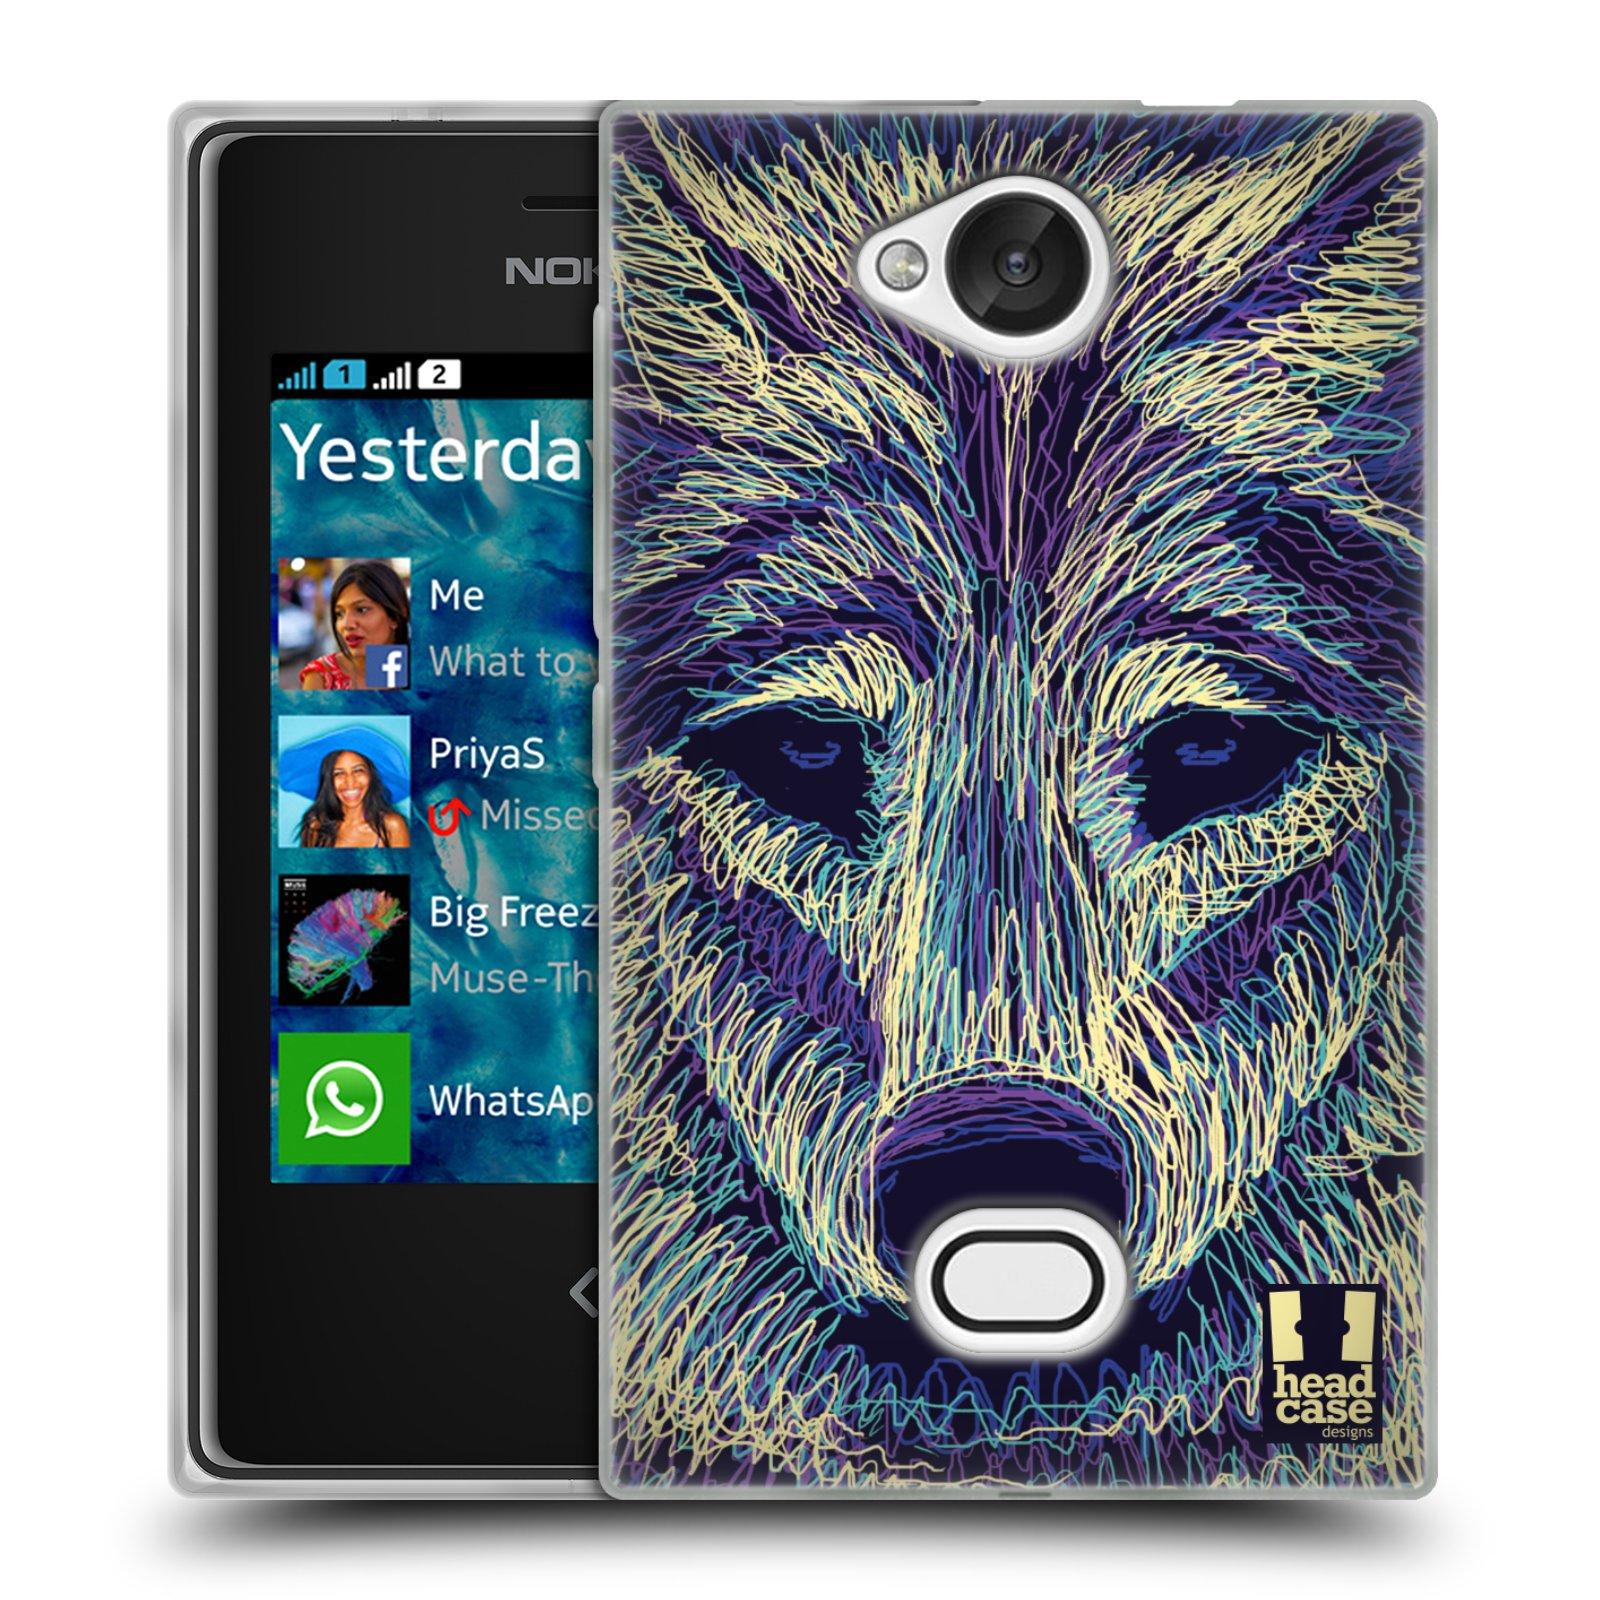 HEAD CASE silikonový obal na mobil NOKIA Asha 503 vzor zvíře čmáranice vlk